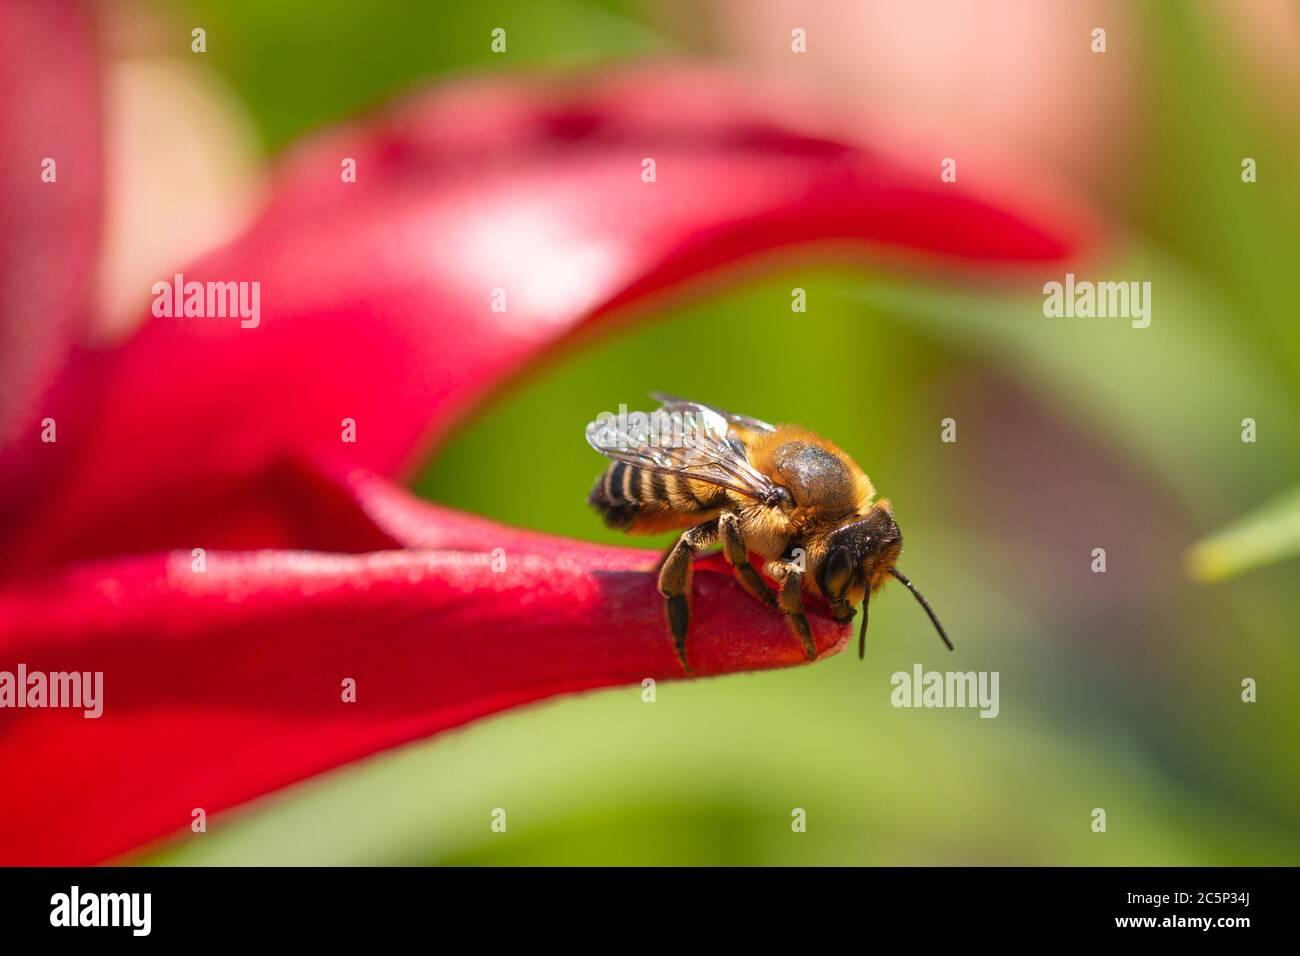 primer plano de la abeja trabajadora (apis mellifera) sentado bajo la luz del sol en un pétalo de lirio rojo florece Foto de stock